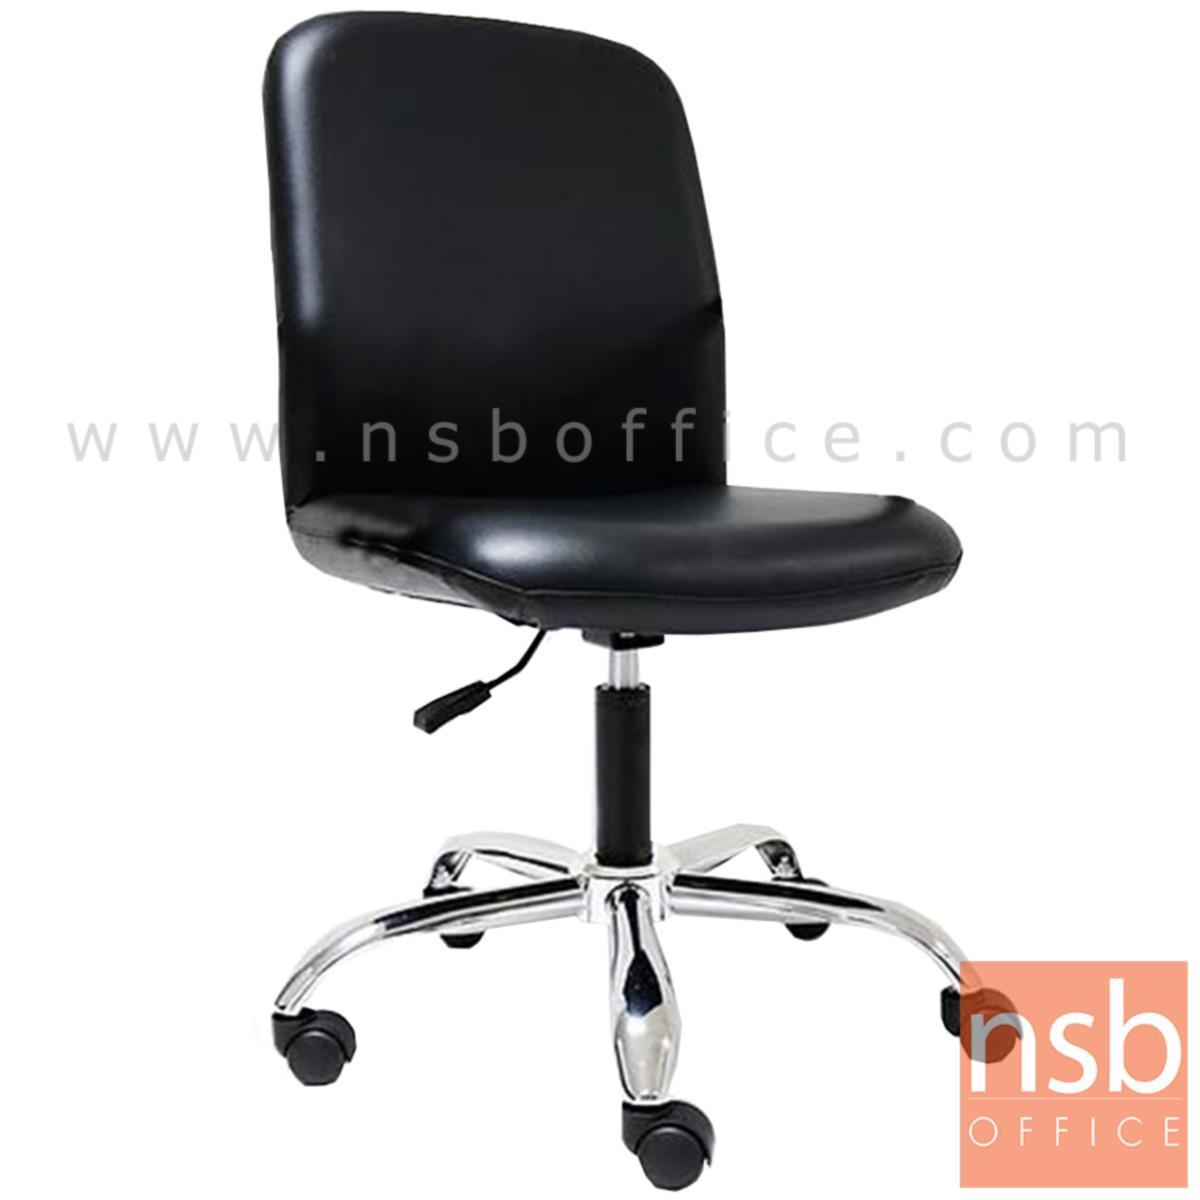 B33A006:เก้าอี้สำนักงาน รุ่น SHANGRILA (แชงกรีล่า)  โช๊คแก๊ส ขาเหล็กชุบโครเมี่ยม